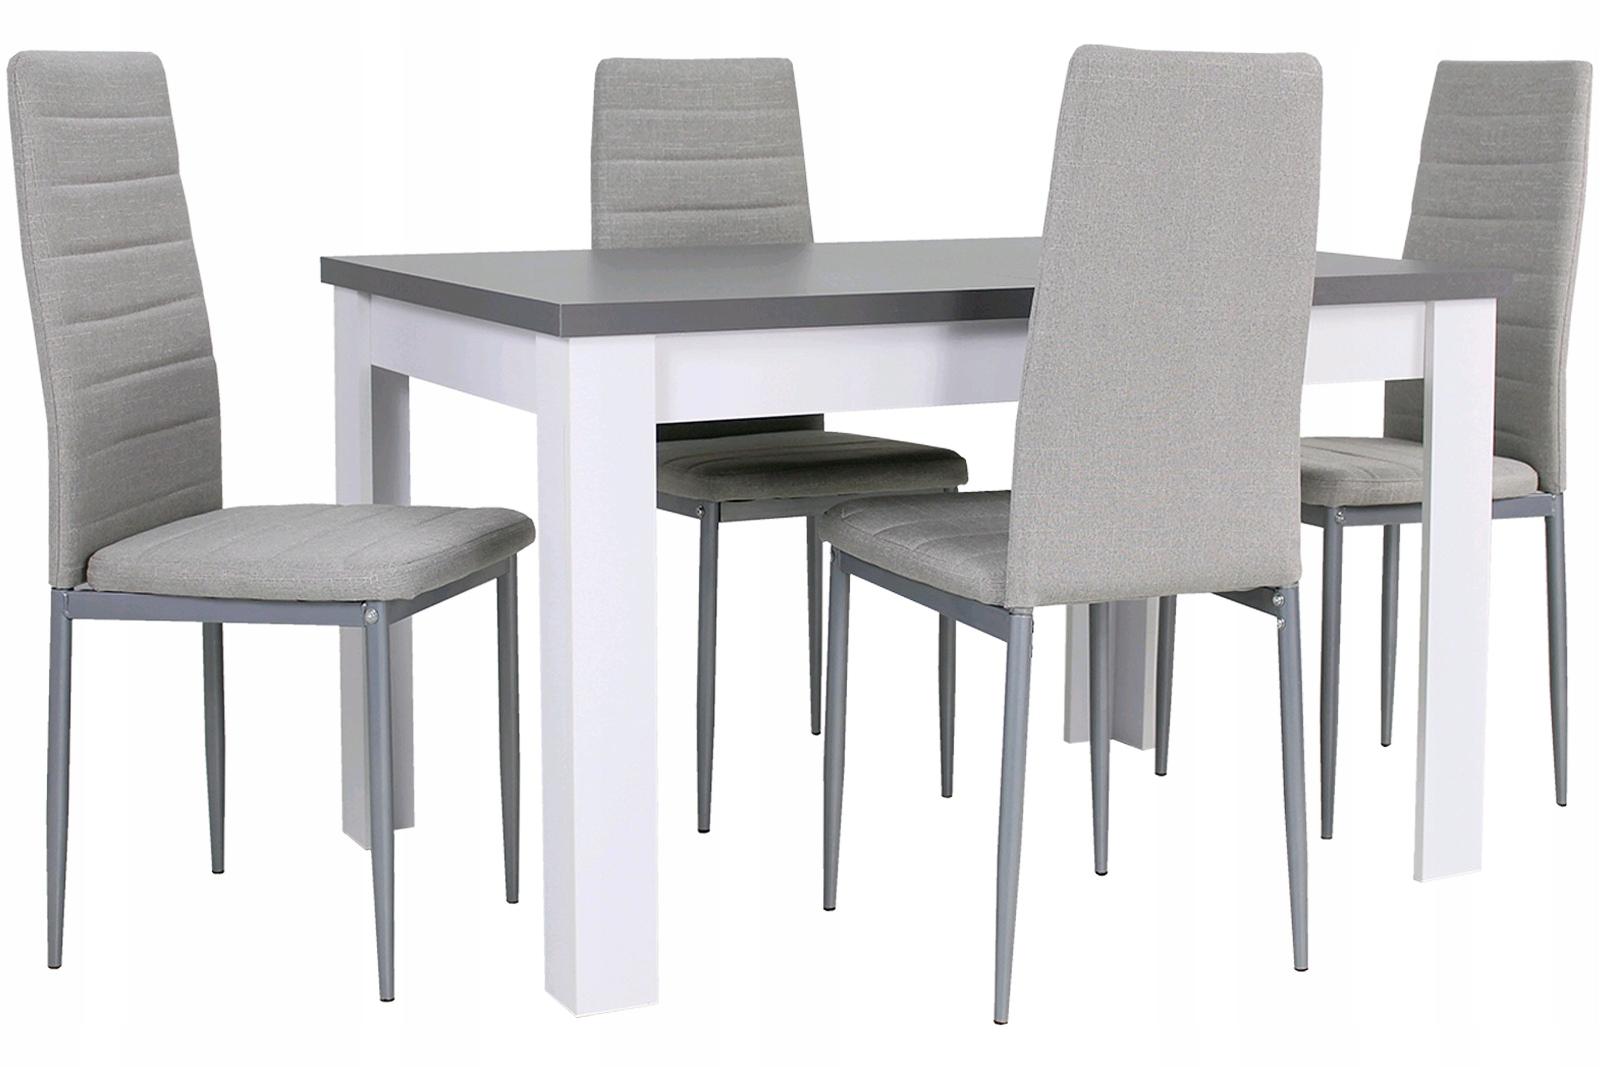 BIAŁO SZARY ZESTAW Stół rozkładany i 4 krzesła